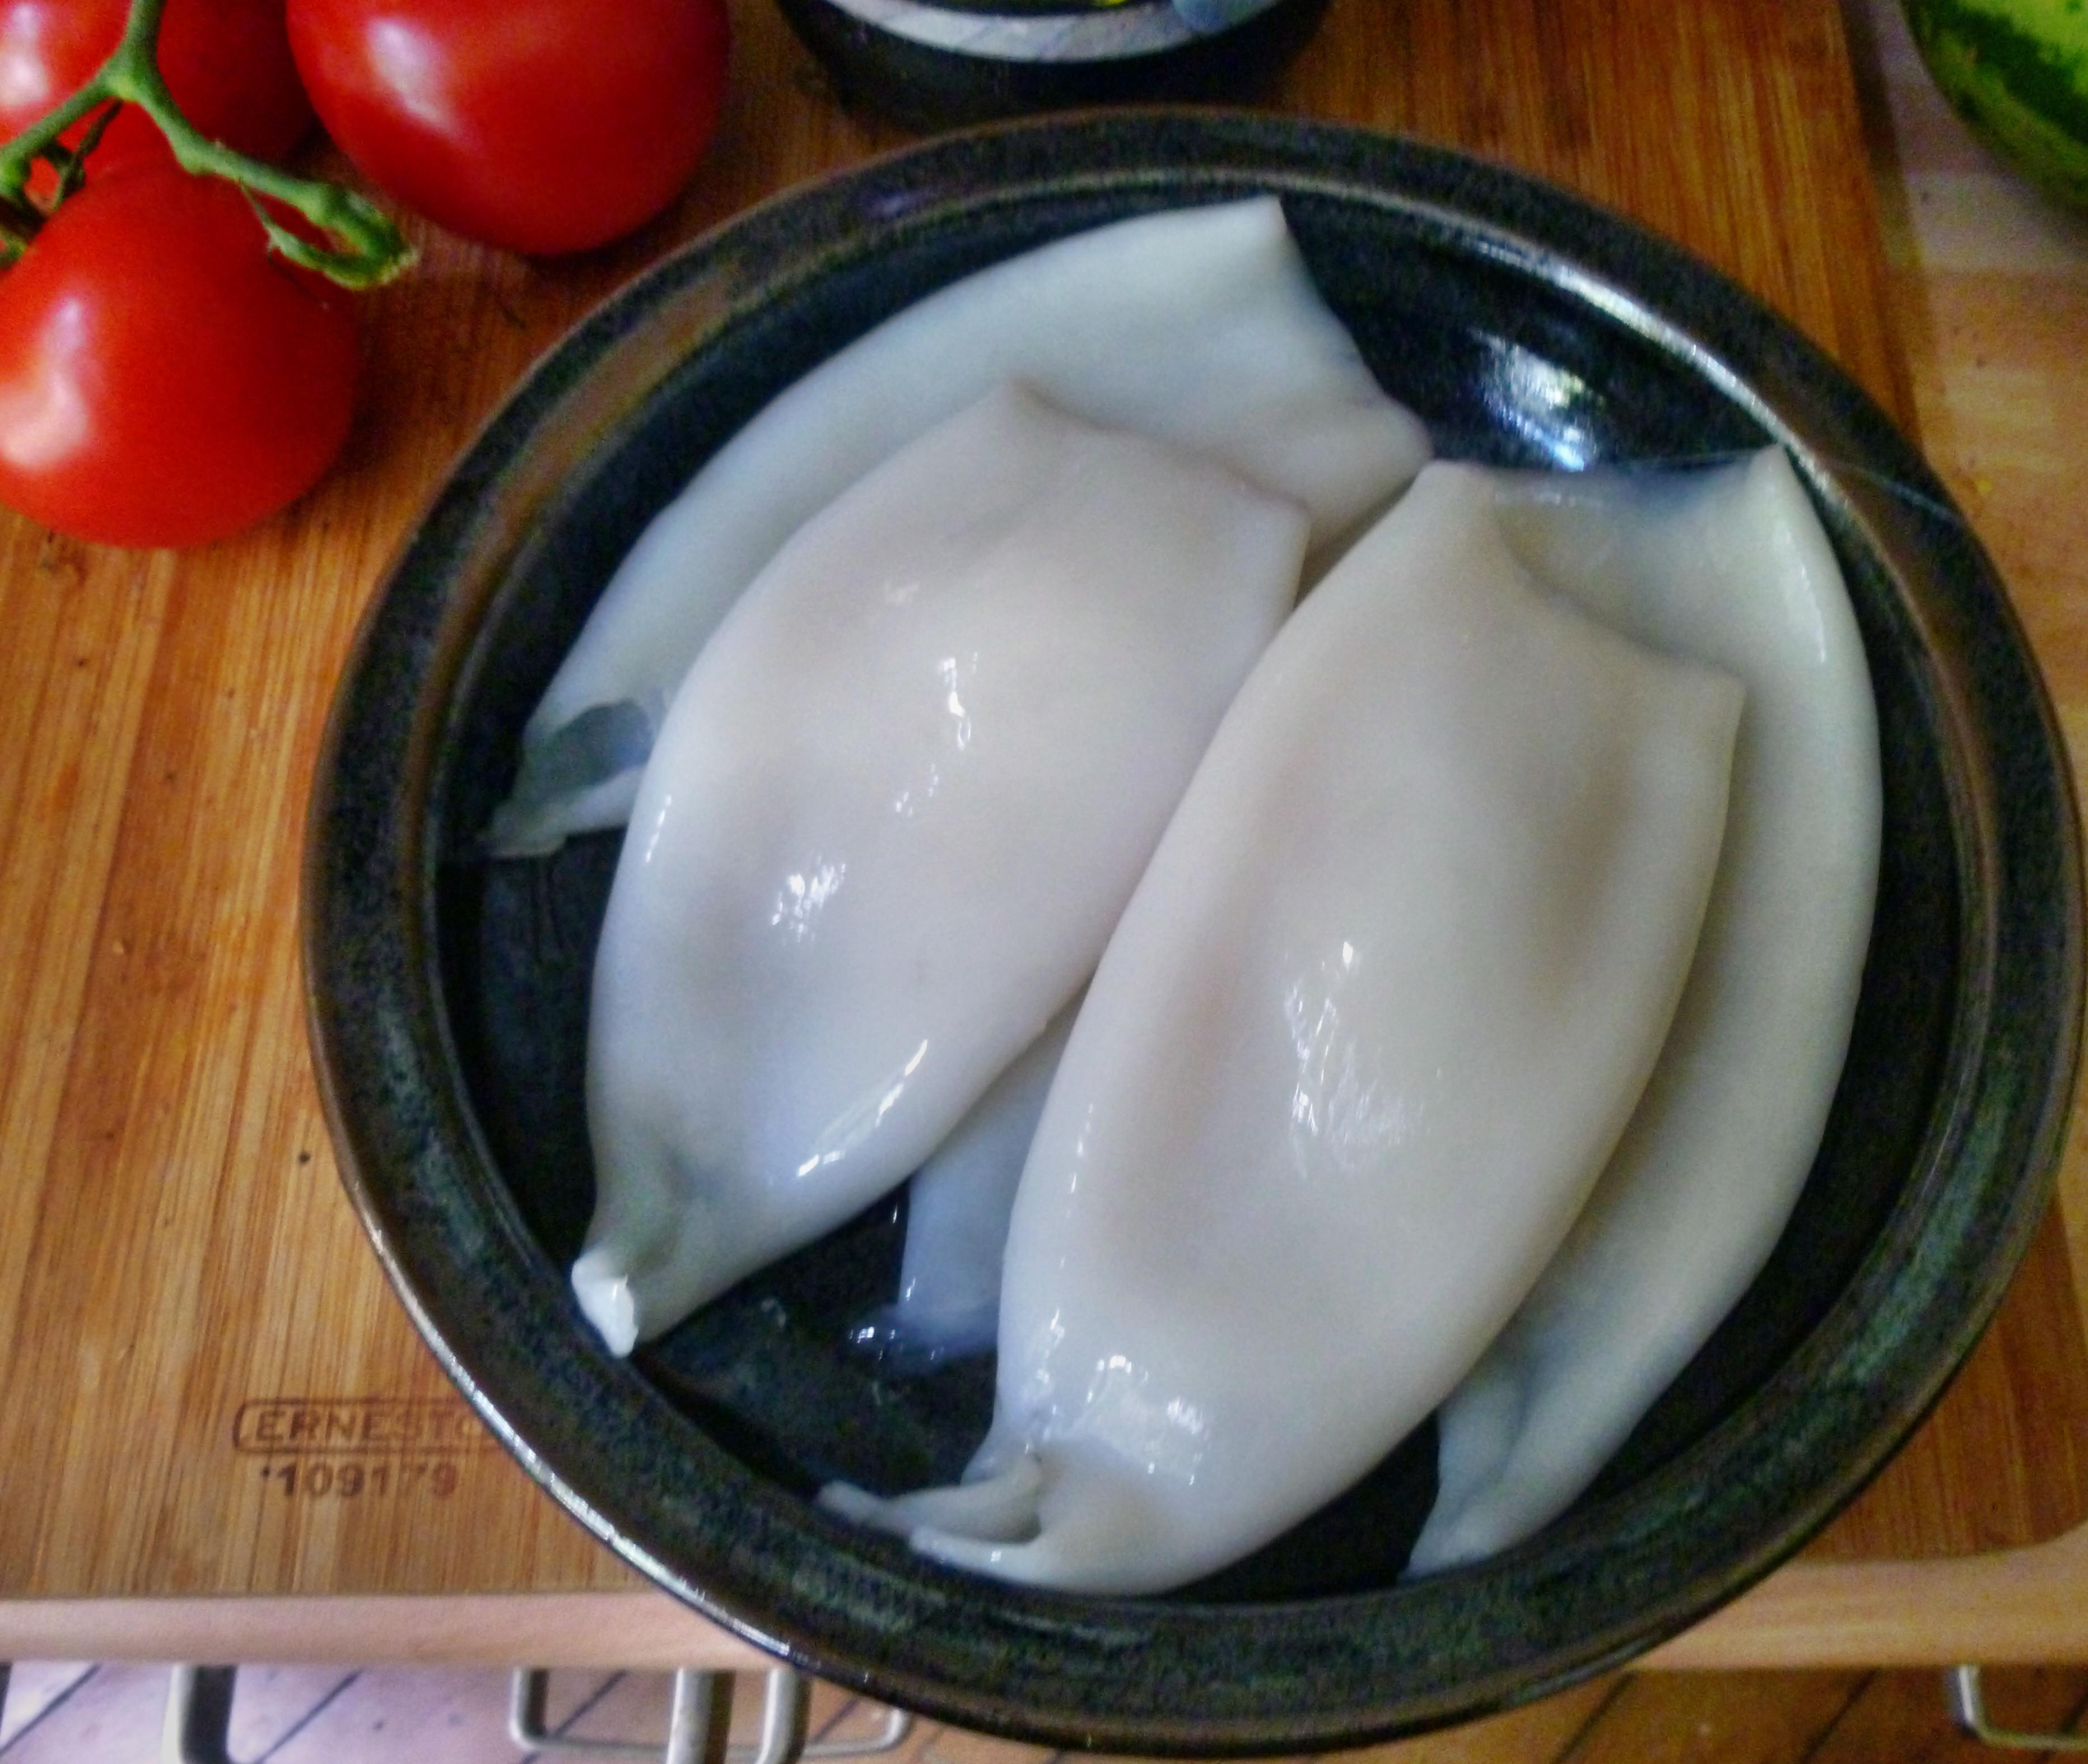 Tintenfisch Tuben,Reis,Tomatensalat,Melone -18.7.15   (1)